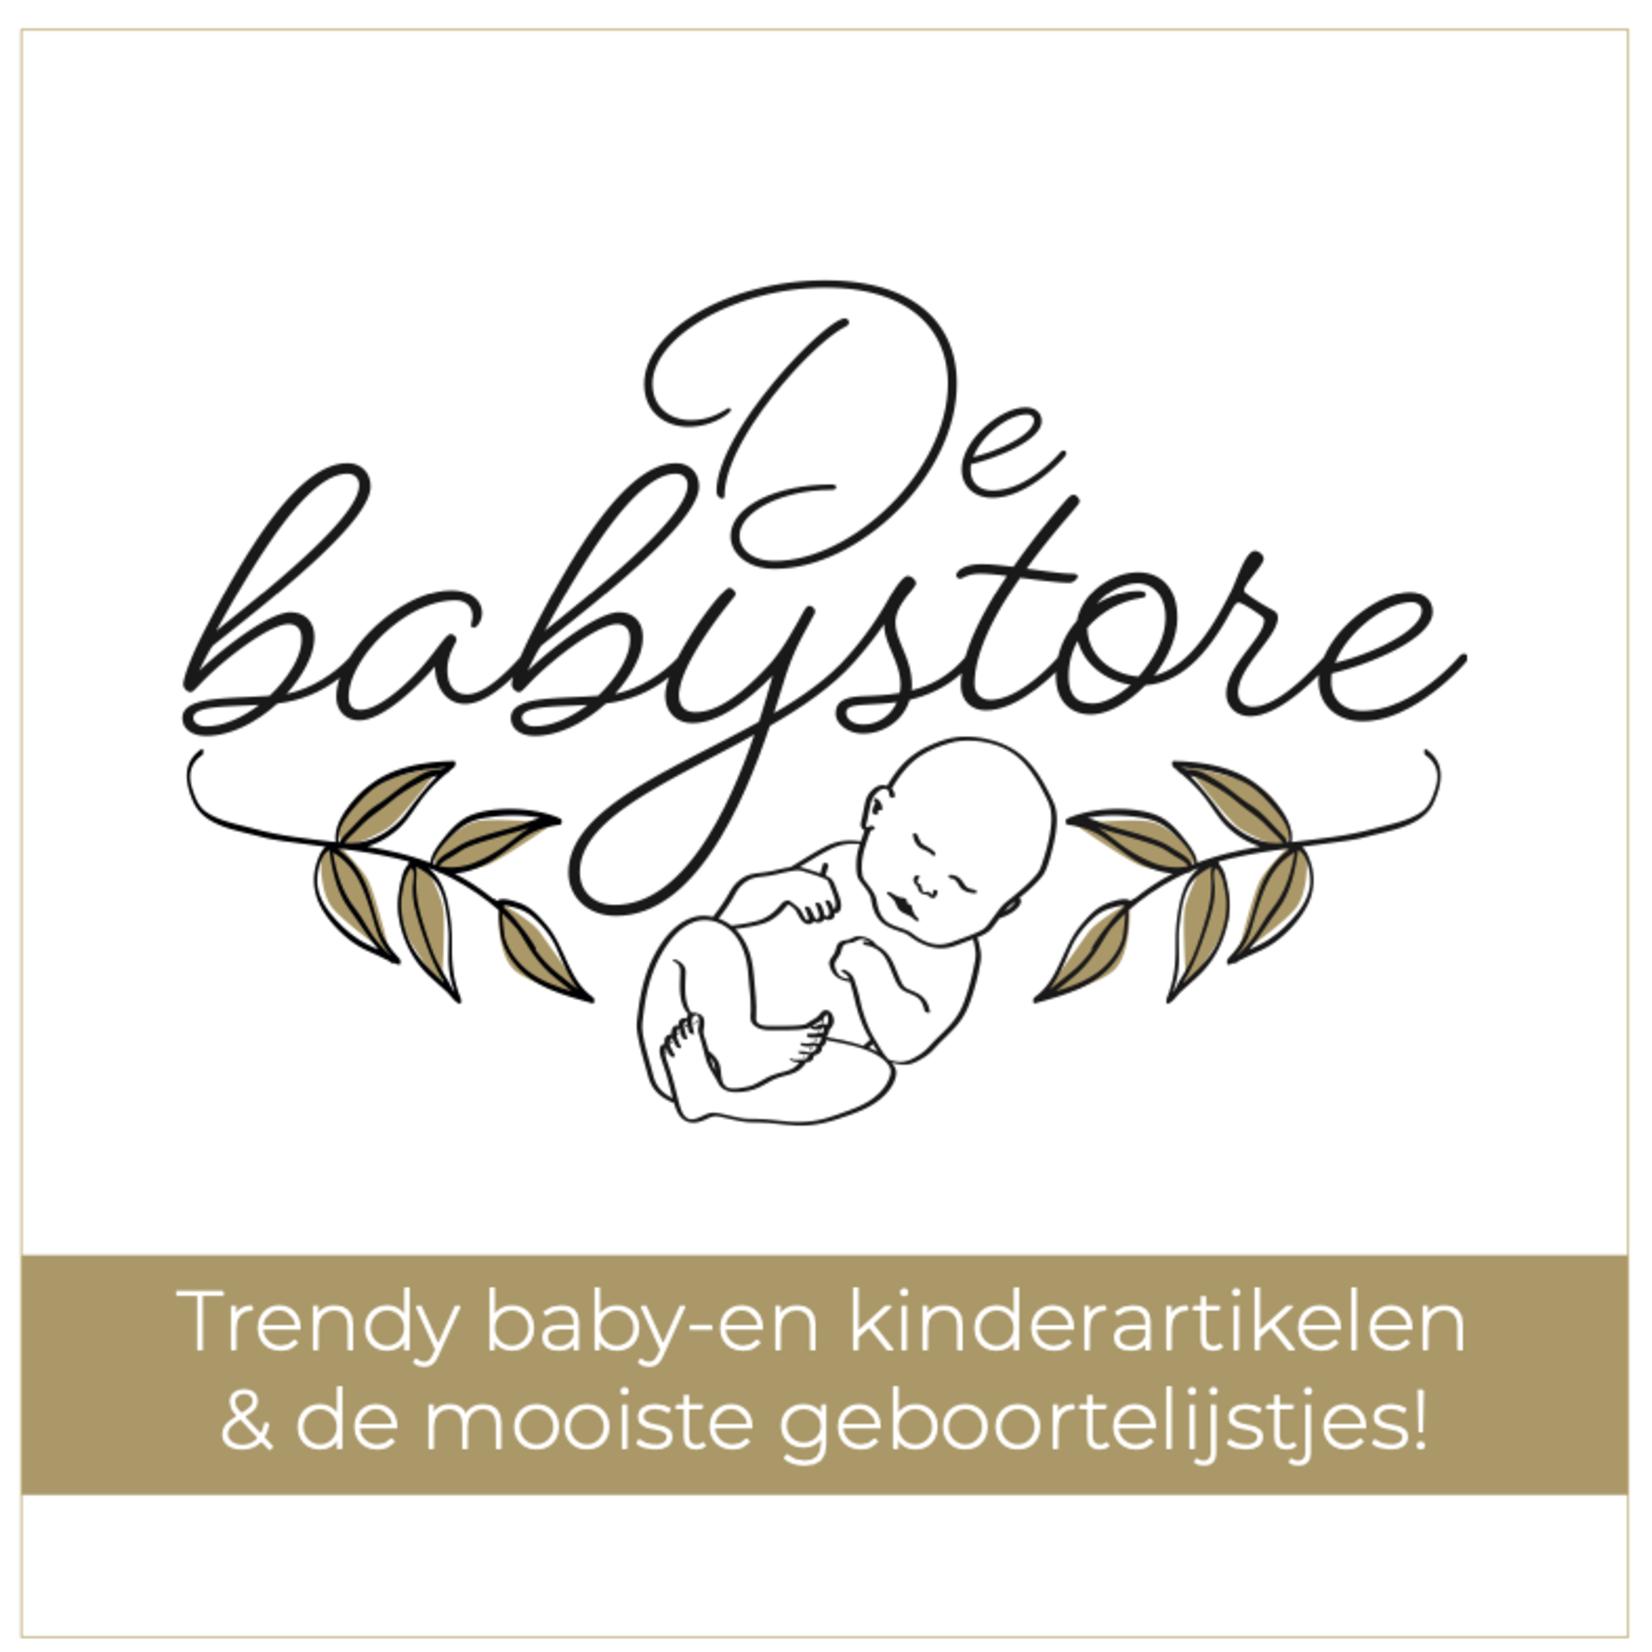 De babystore De babystore Papieren Geschenkbon 20 euro